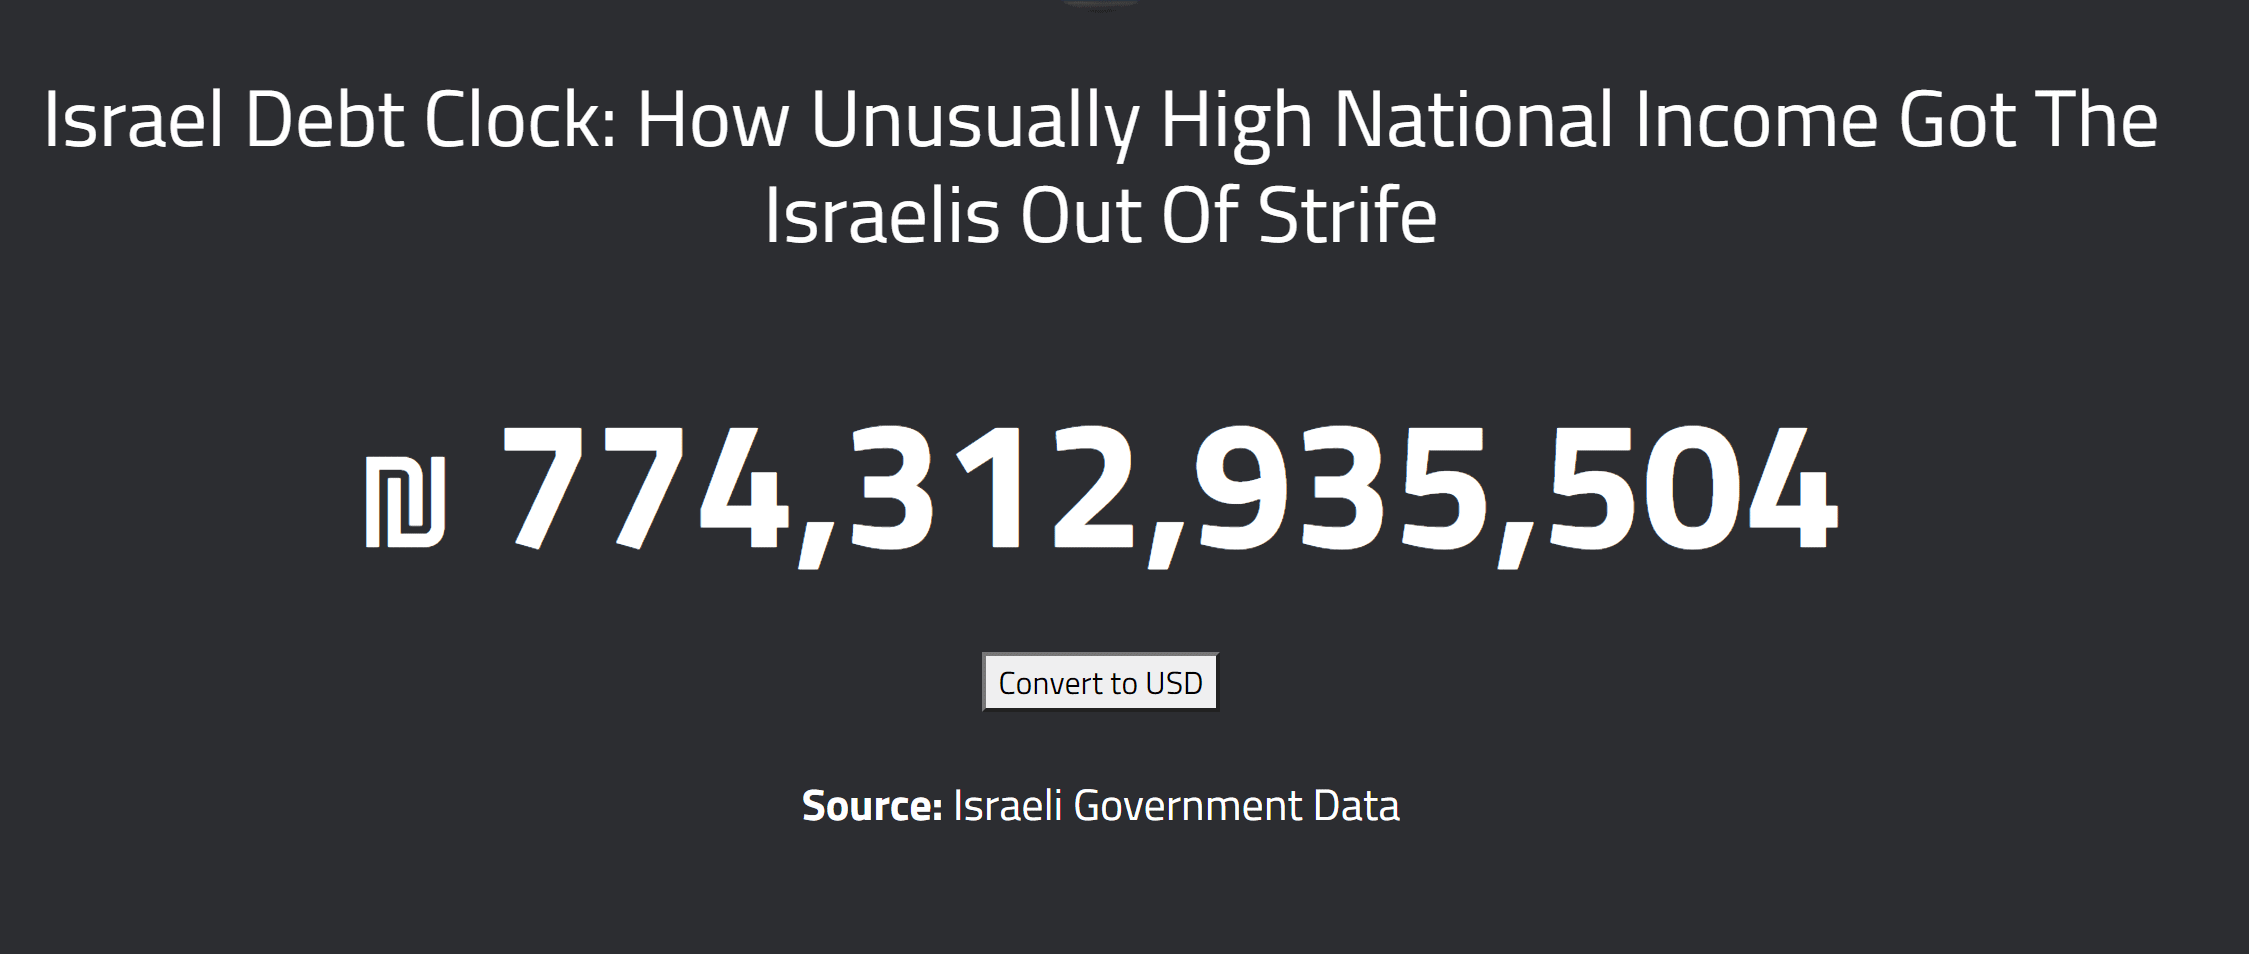 חוב מדינת ישראל (צילום: אתר COMMODITY.COM)